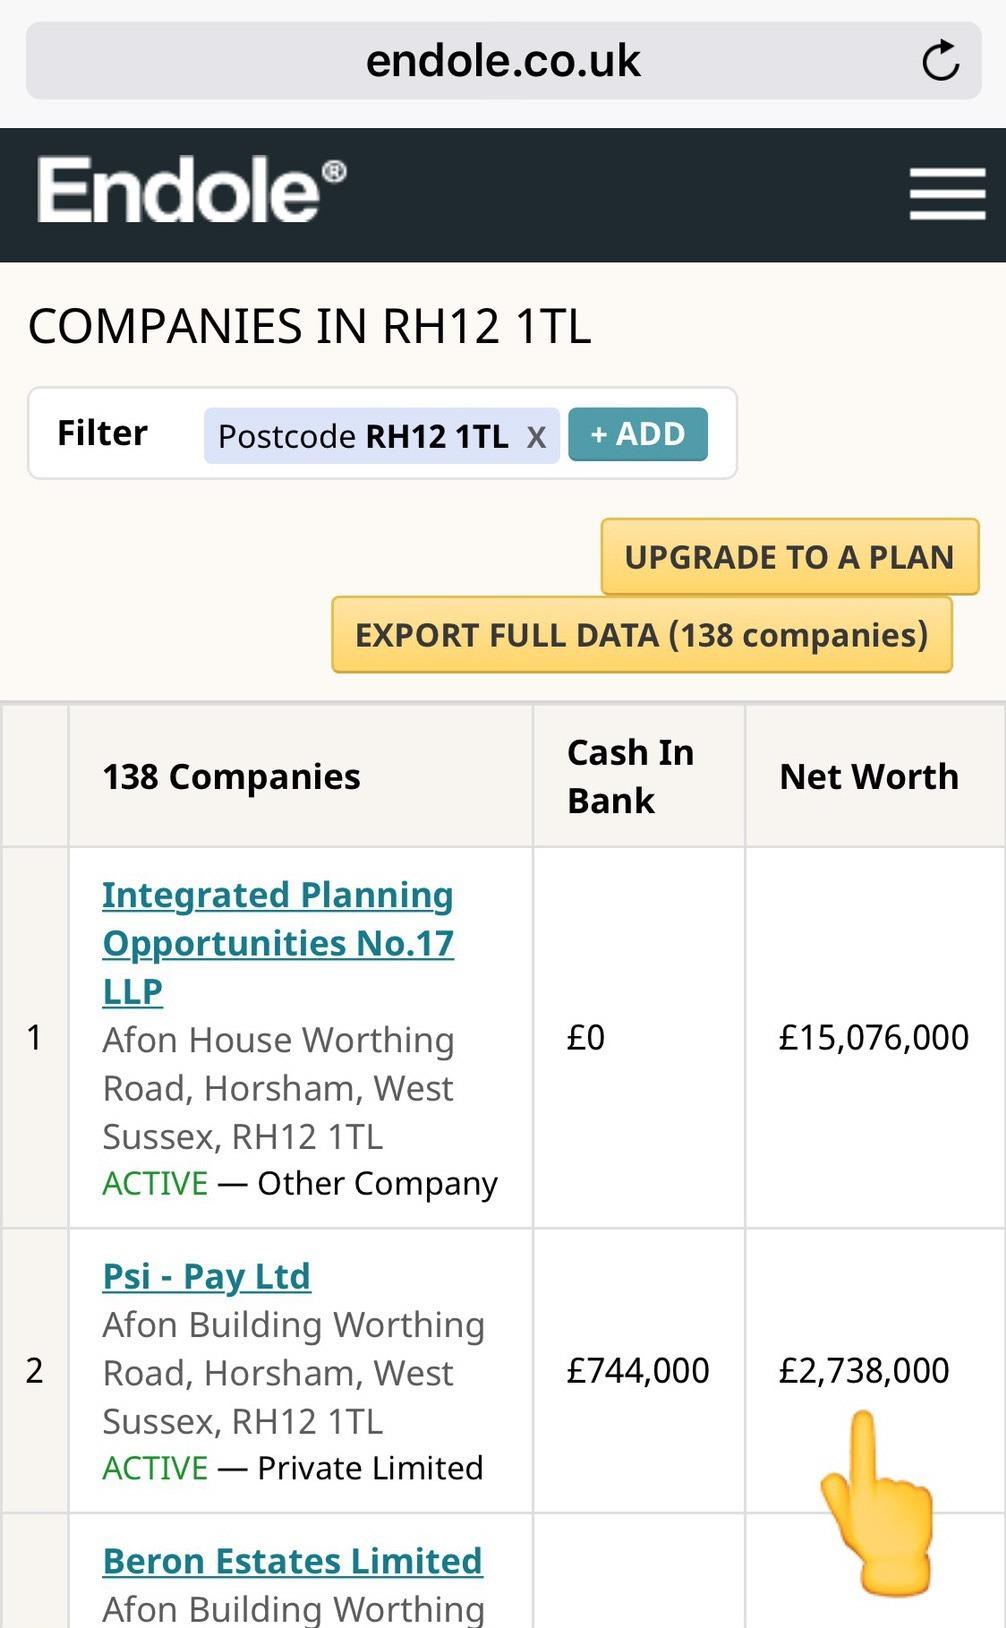 エコペイズPSI-Pay Ltd運営者リストと総資産